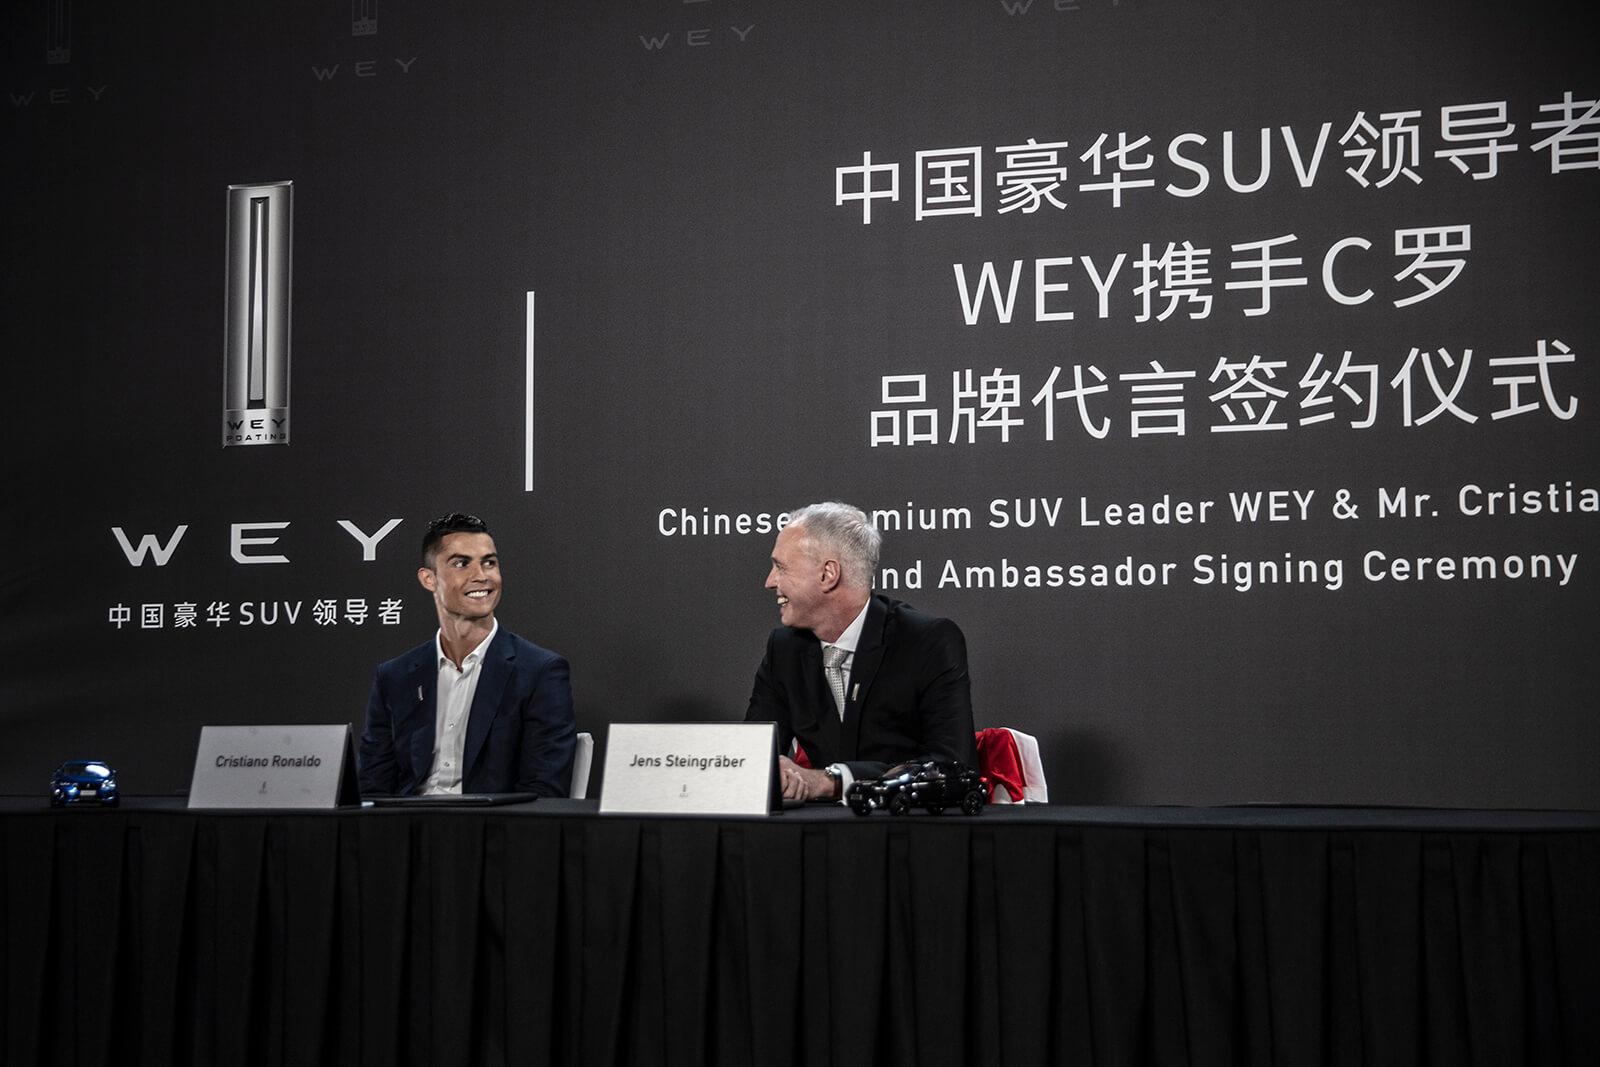 王者聚首 国际足球巨星C罗为中国豪华SUV领导者WEY品牌代言